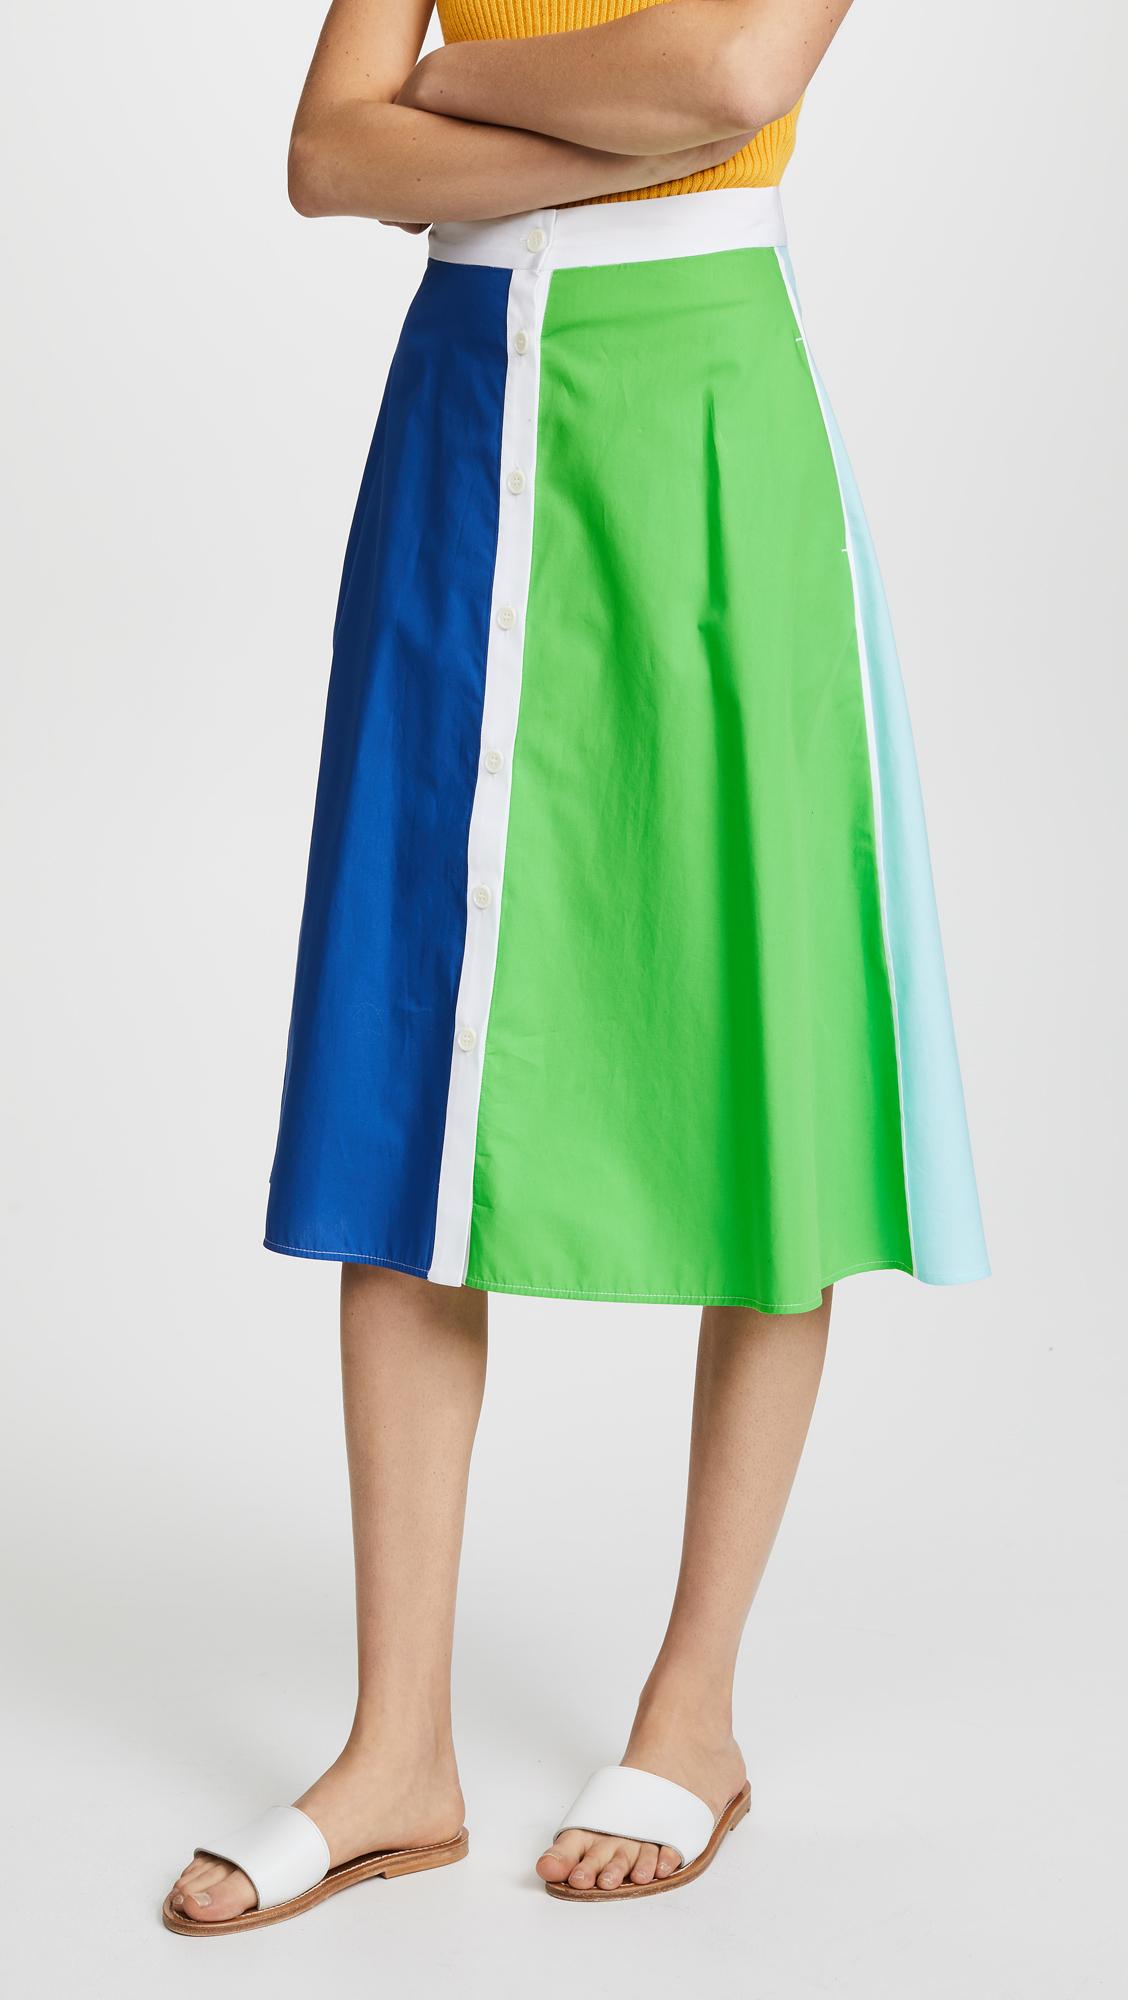 MDS Stripes Vertical Stripe Skirt In Multi